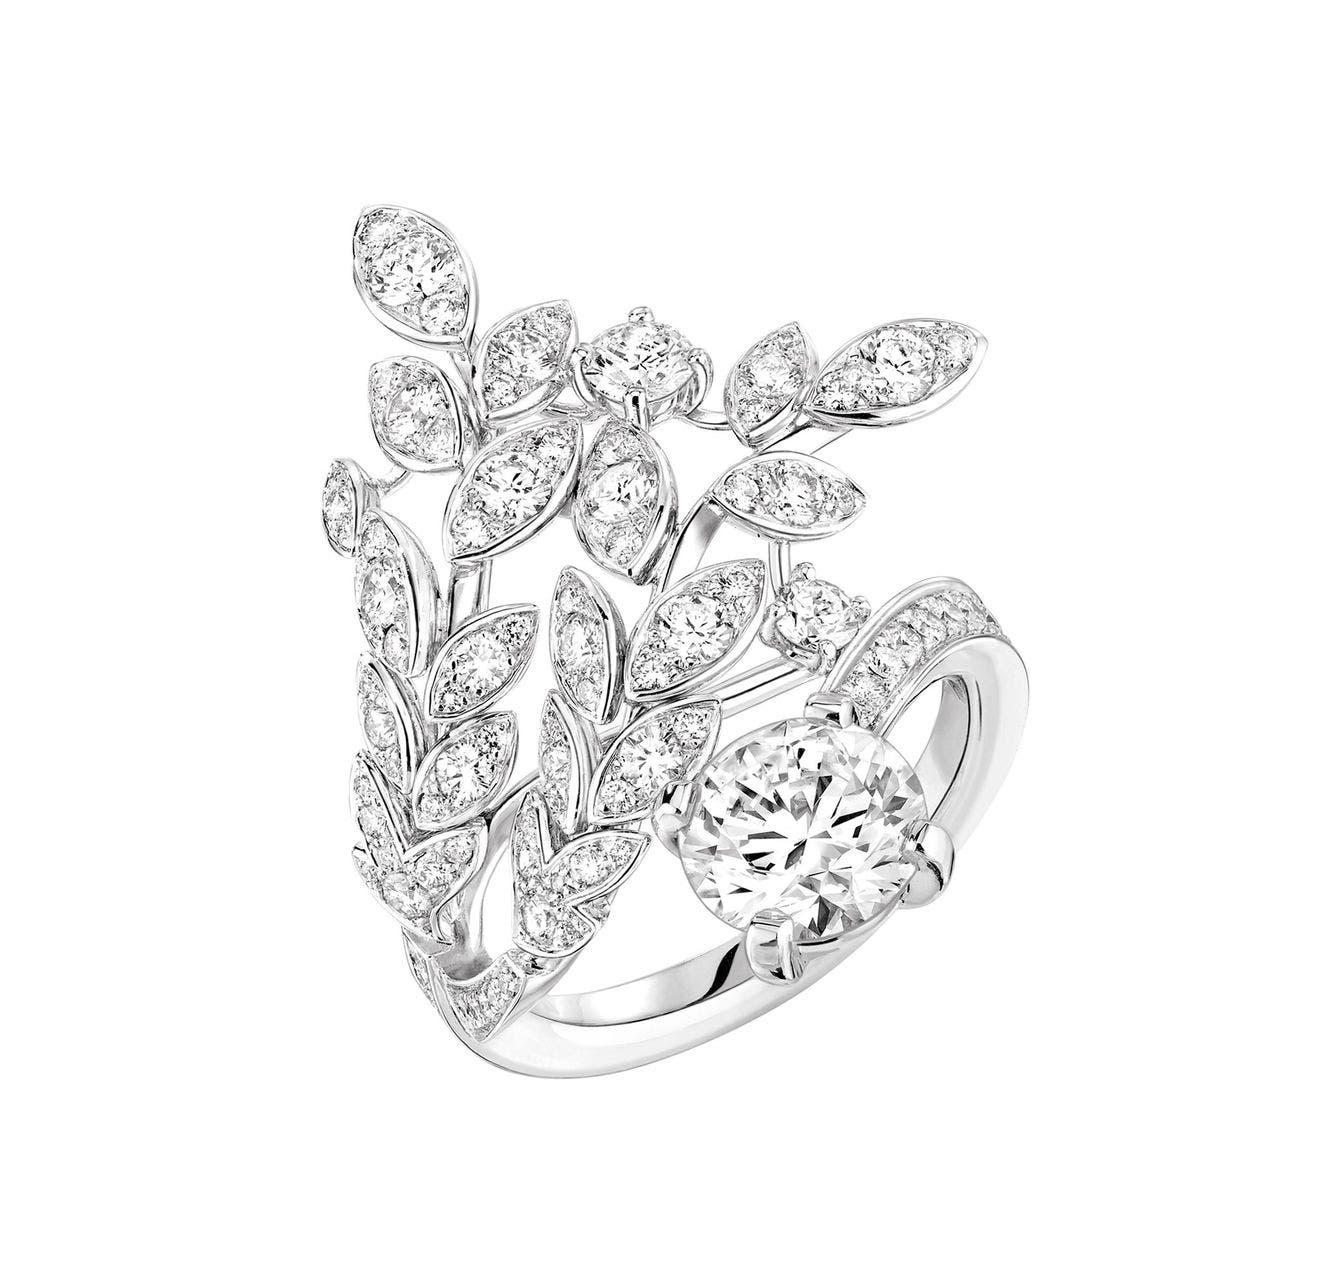 خاتم من مجموعة لي بلي دو شانيل